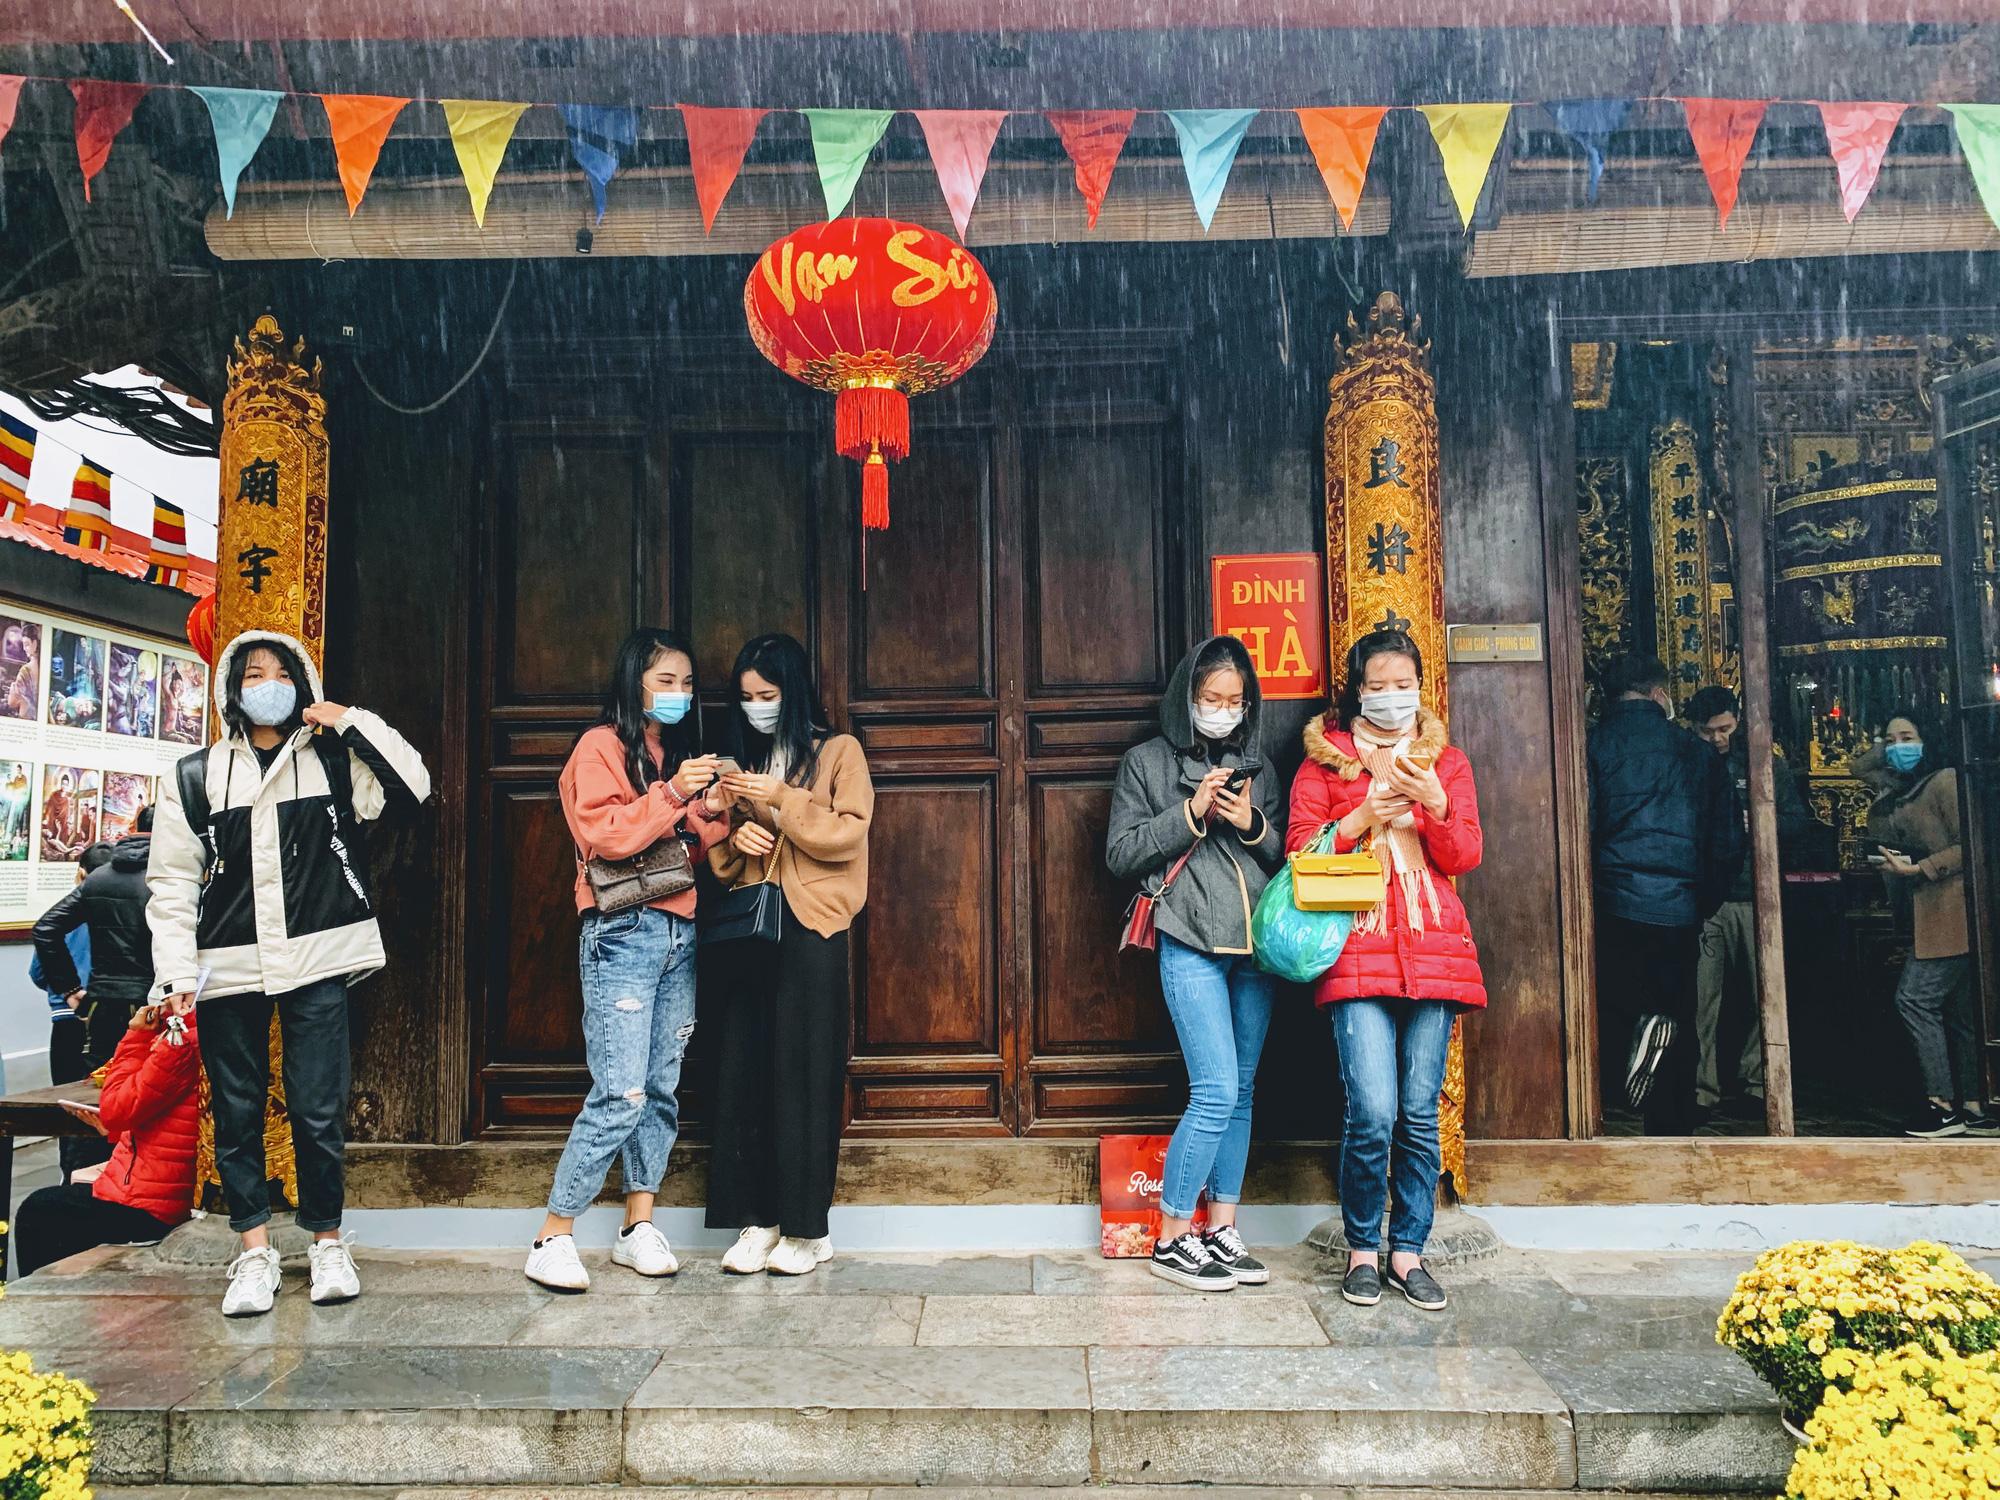 Rằm tháng Giêng, hàng quán ven đền chùa ế ẩm, người bán than trời: Chưa năm nào vắng như năm nay - Ảnh 3.